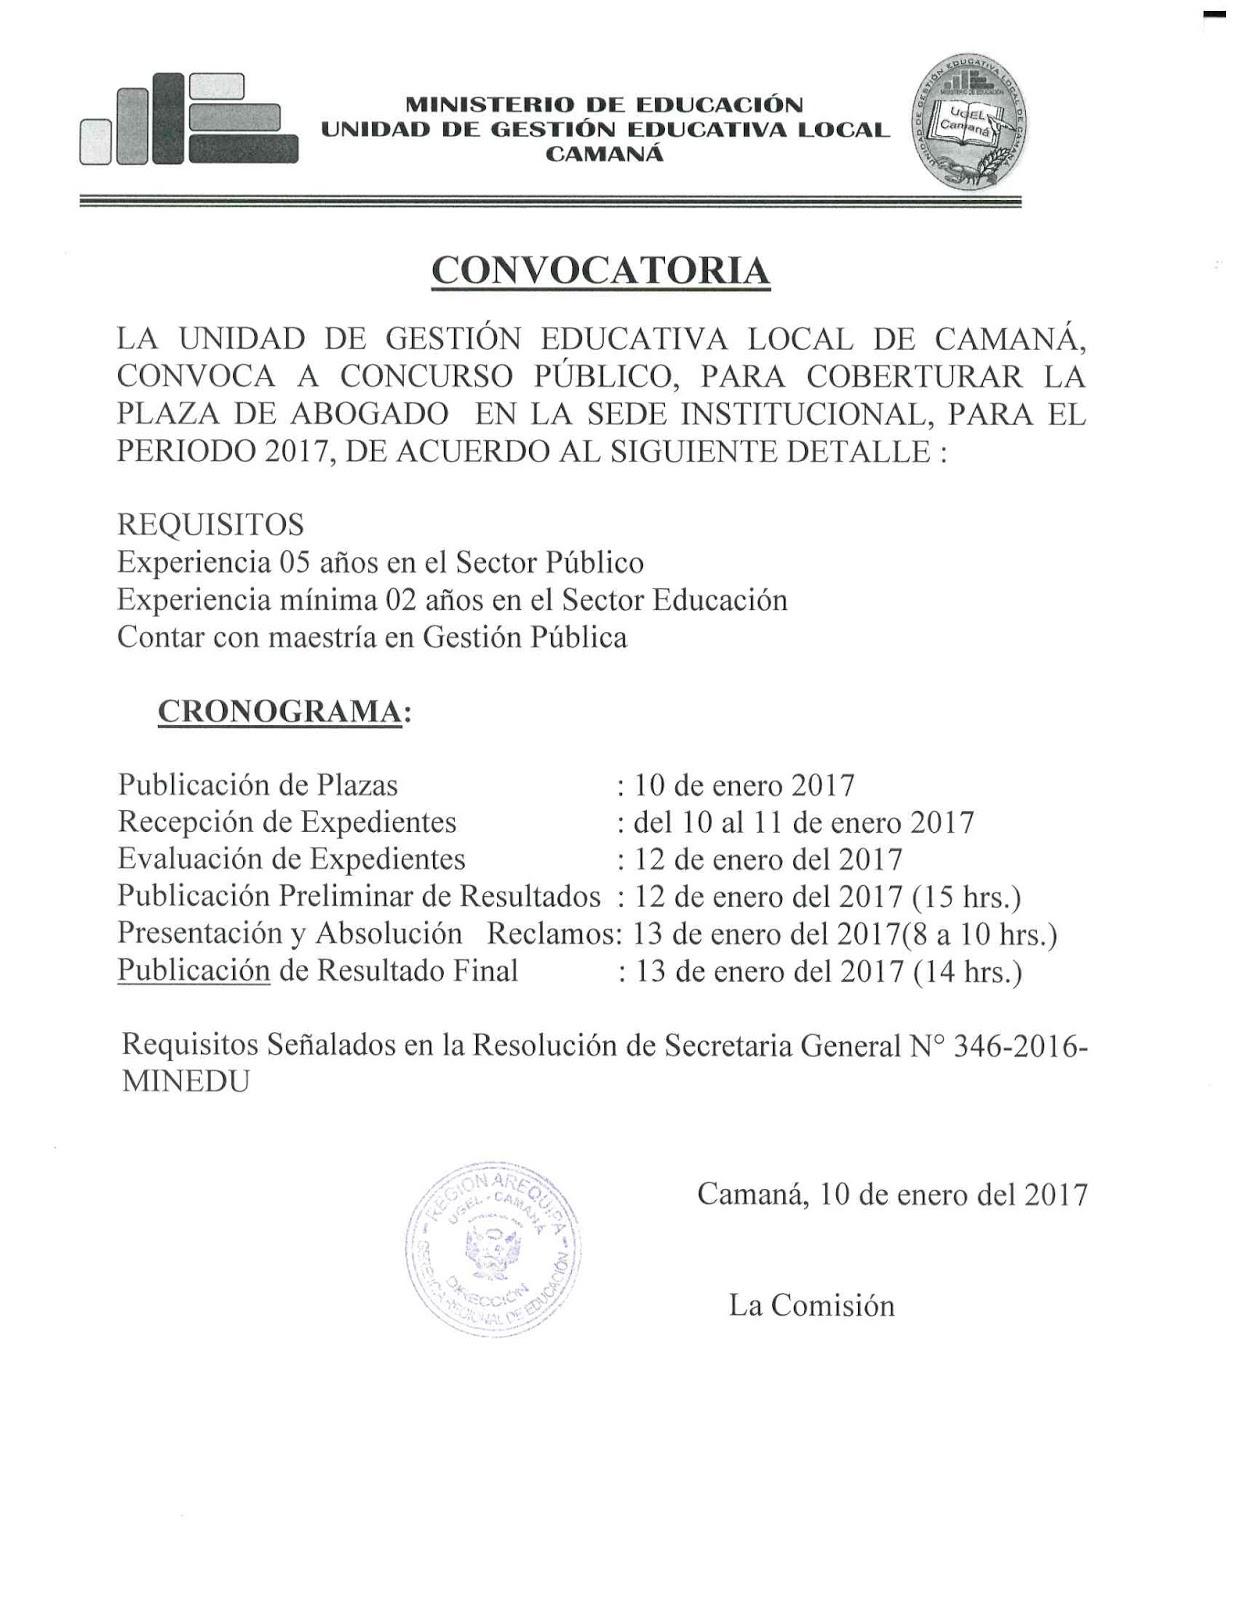 Convocatoria para plaza de abogado ugel caman for Convocatoria de plazas docentes 2017